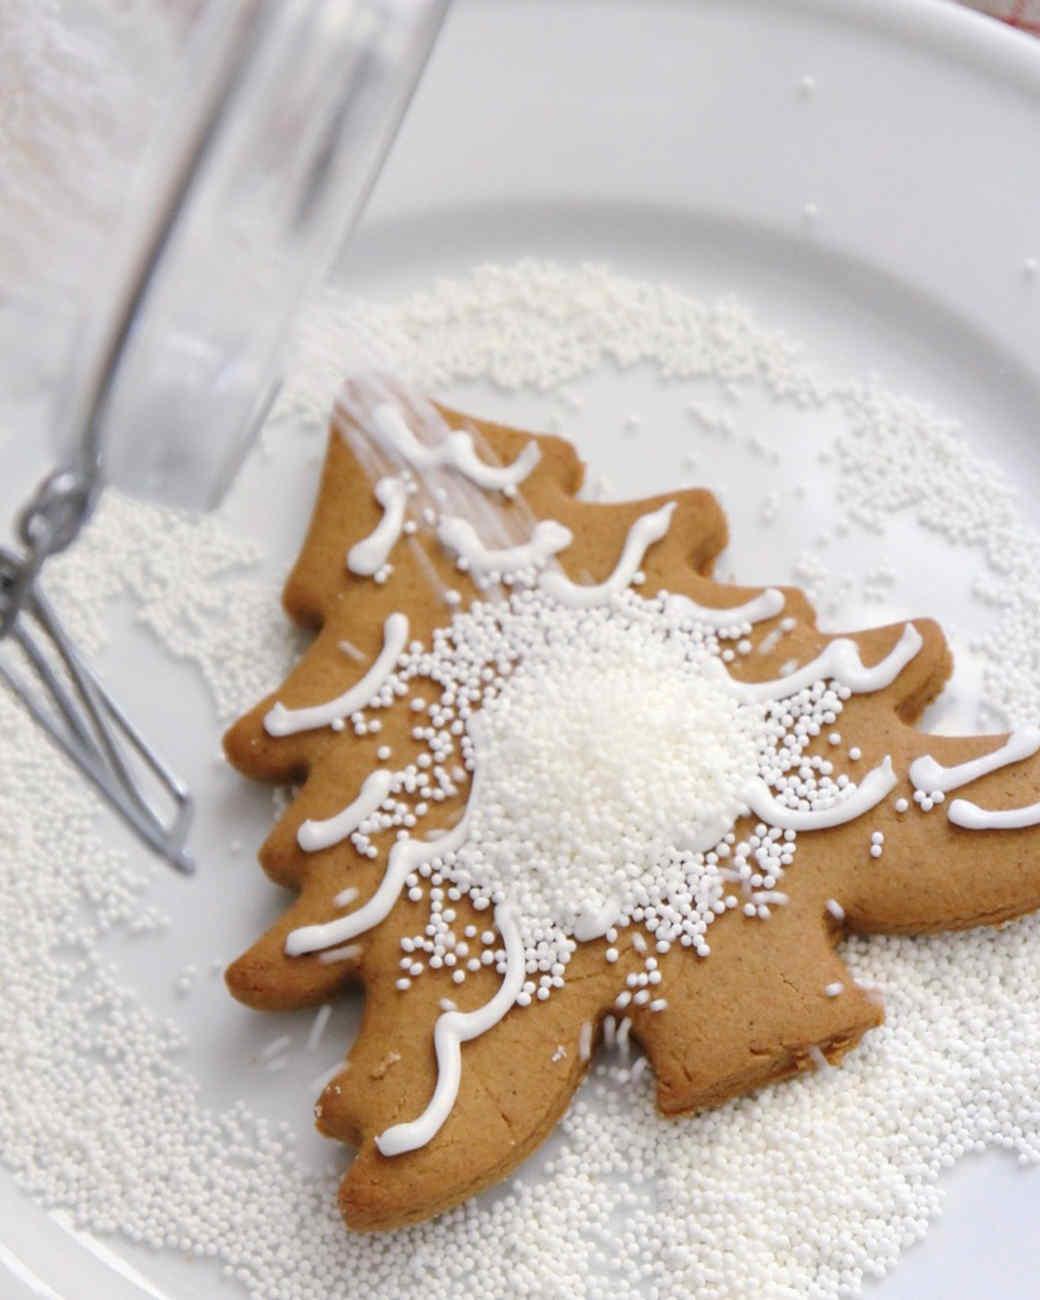 gingerbread-tree-snow-jennysteffens-1115.jpg